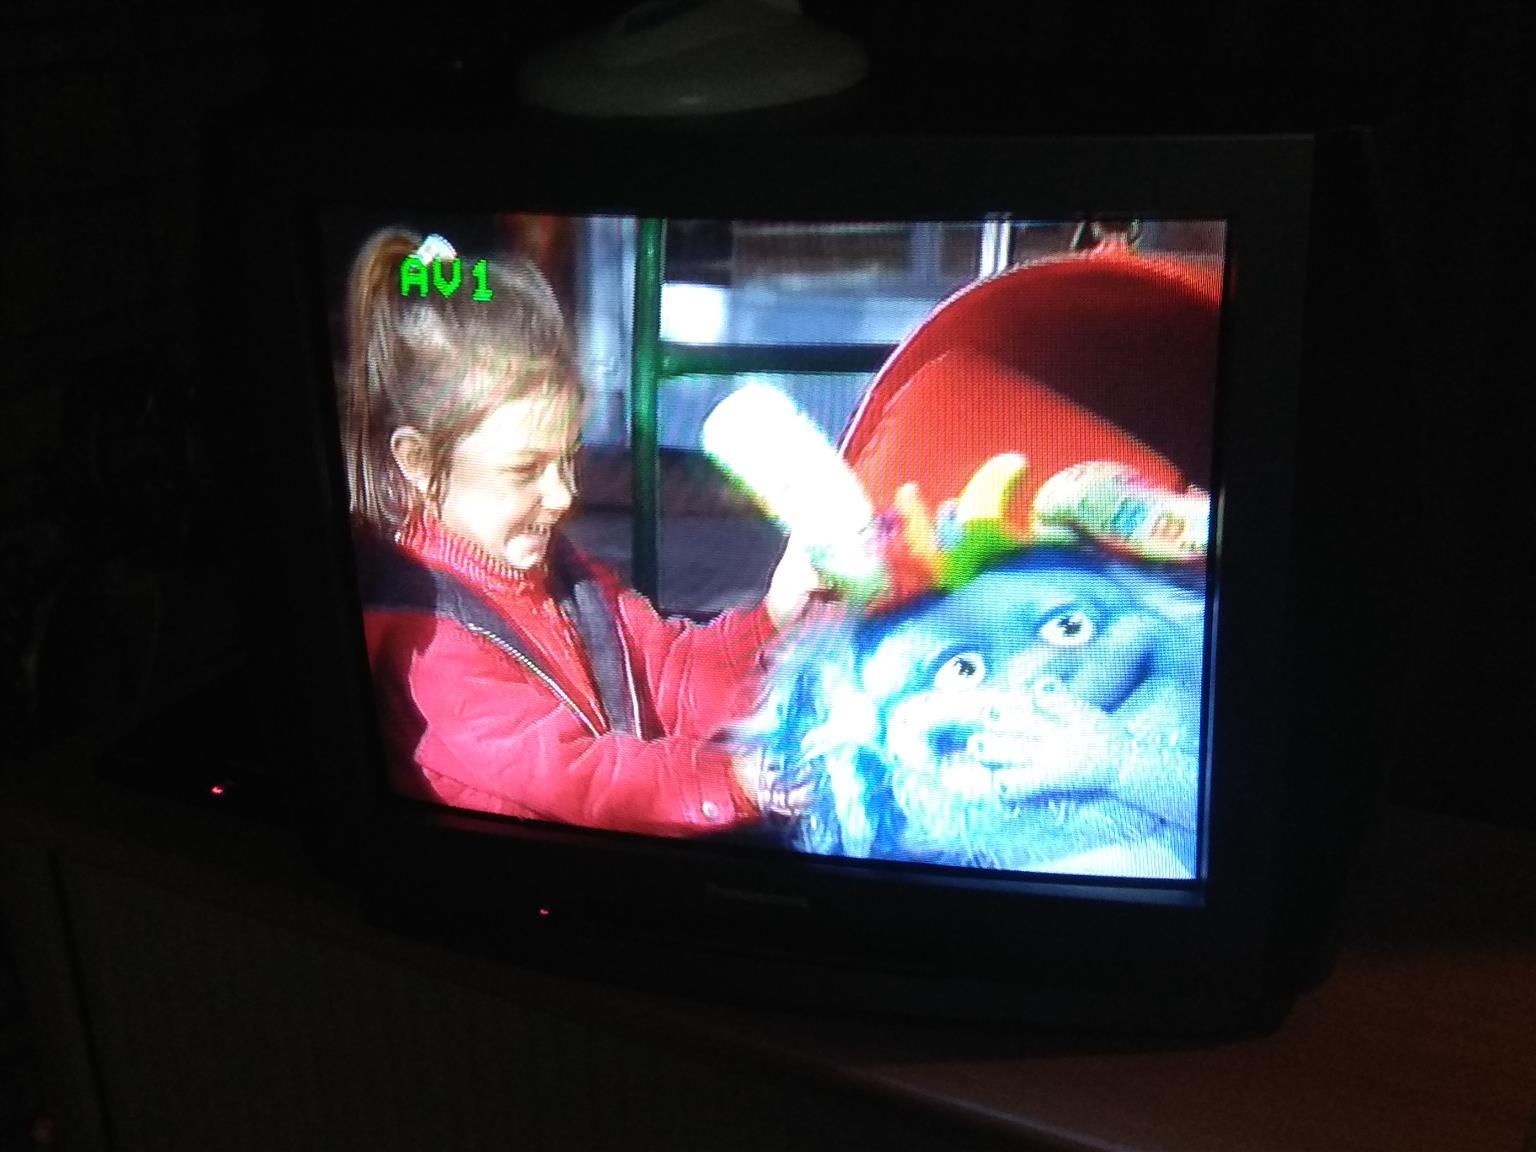 Panasonic box's TV.